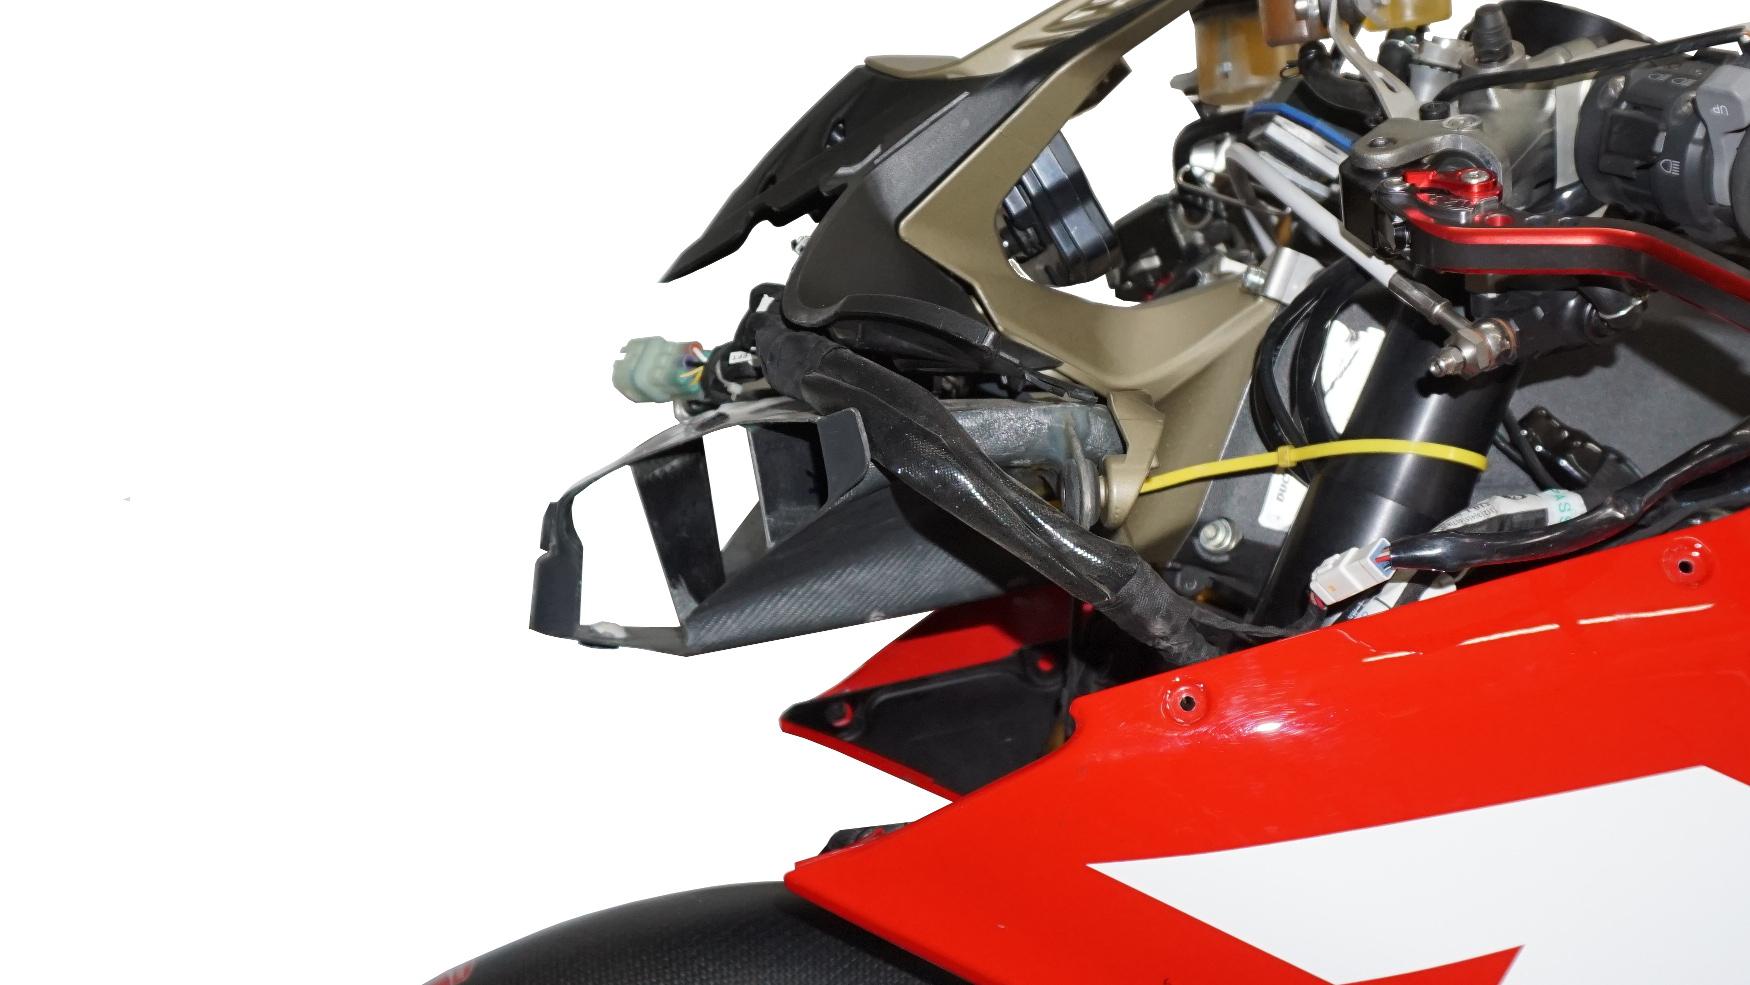 Lufteinlass Moko Ducati Panigale montiert 08.002.13 (12)